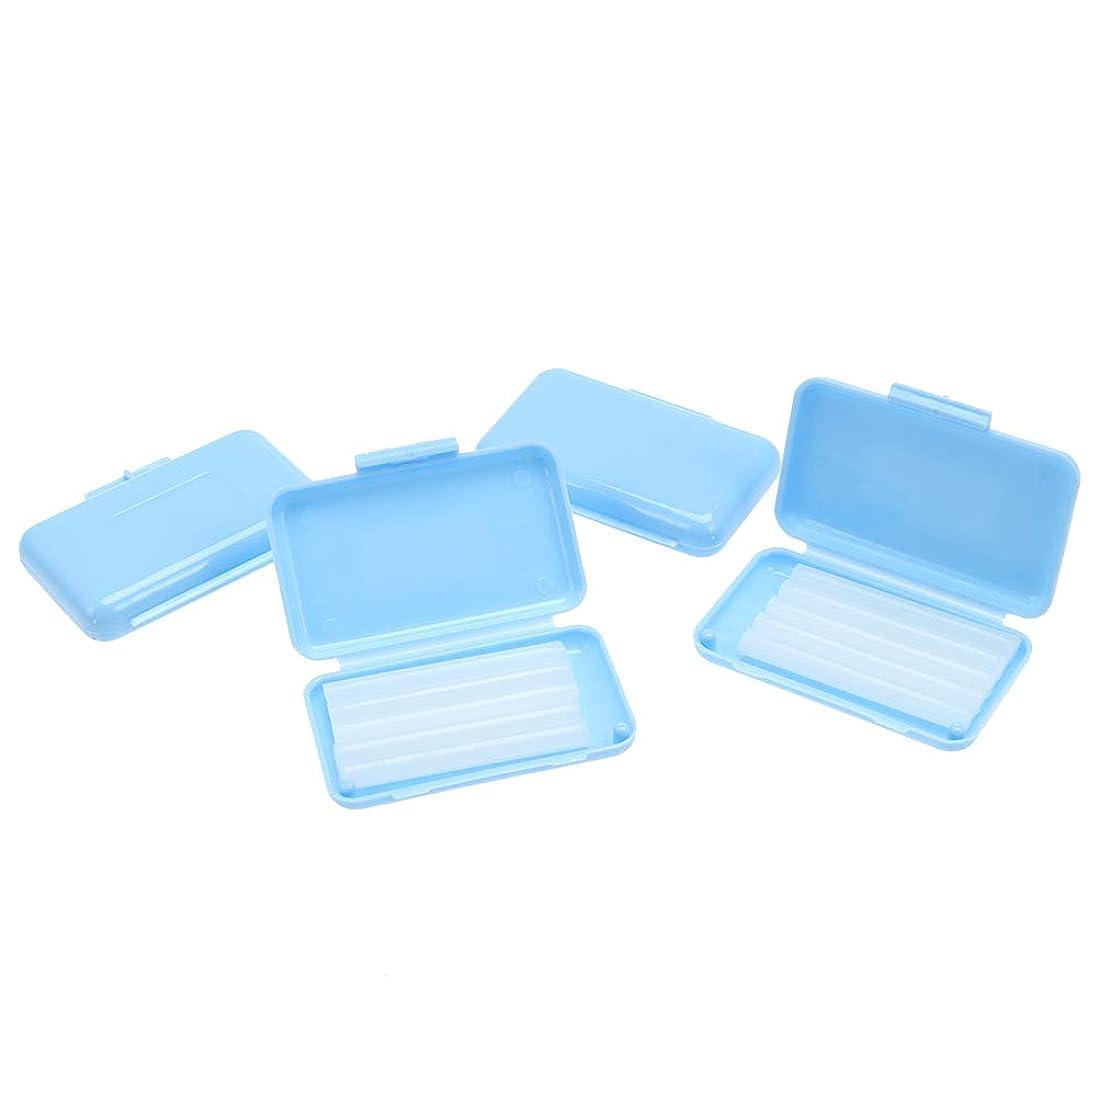 見捨てる階下バルクSUPVOX 20個 歯科 ワックス 矯正ワックス 口腔ケア 歯科ブレース 着用者 スカイブルー